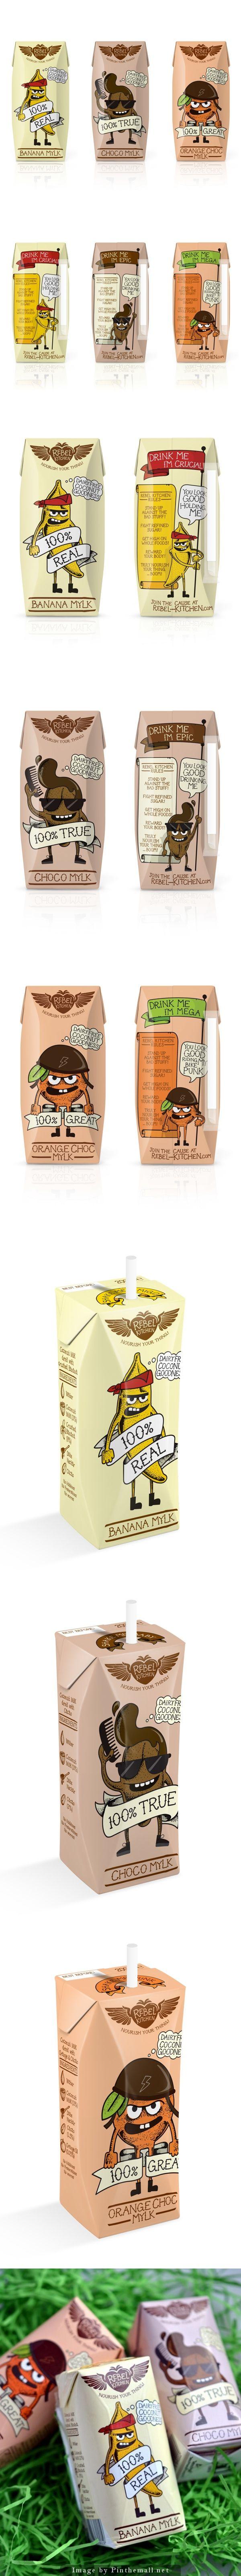 Rebel Kitchen - Kids Packaging